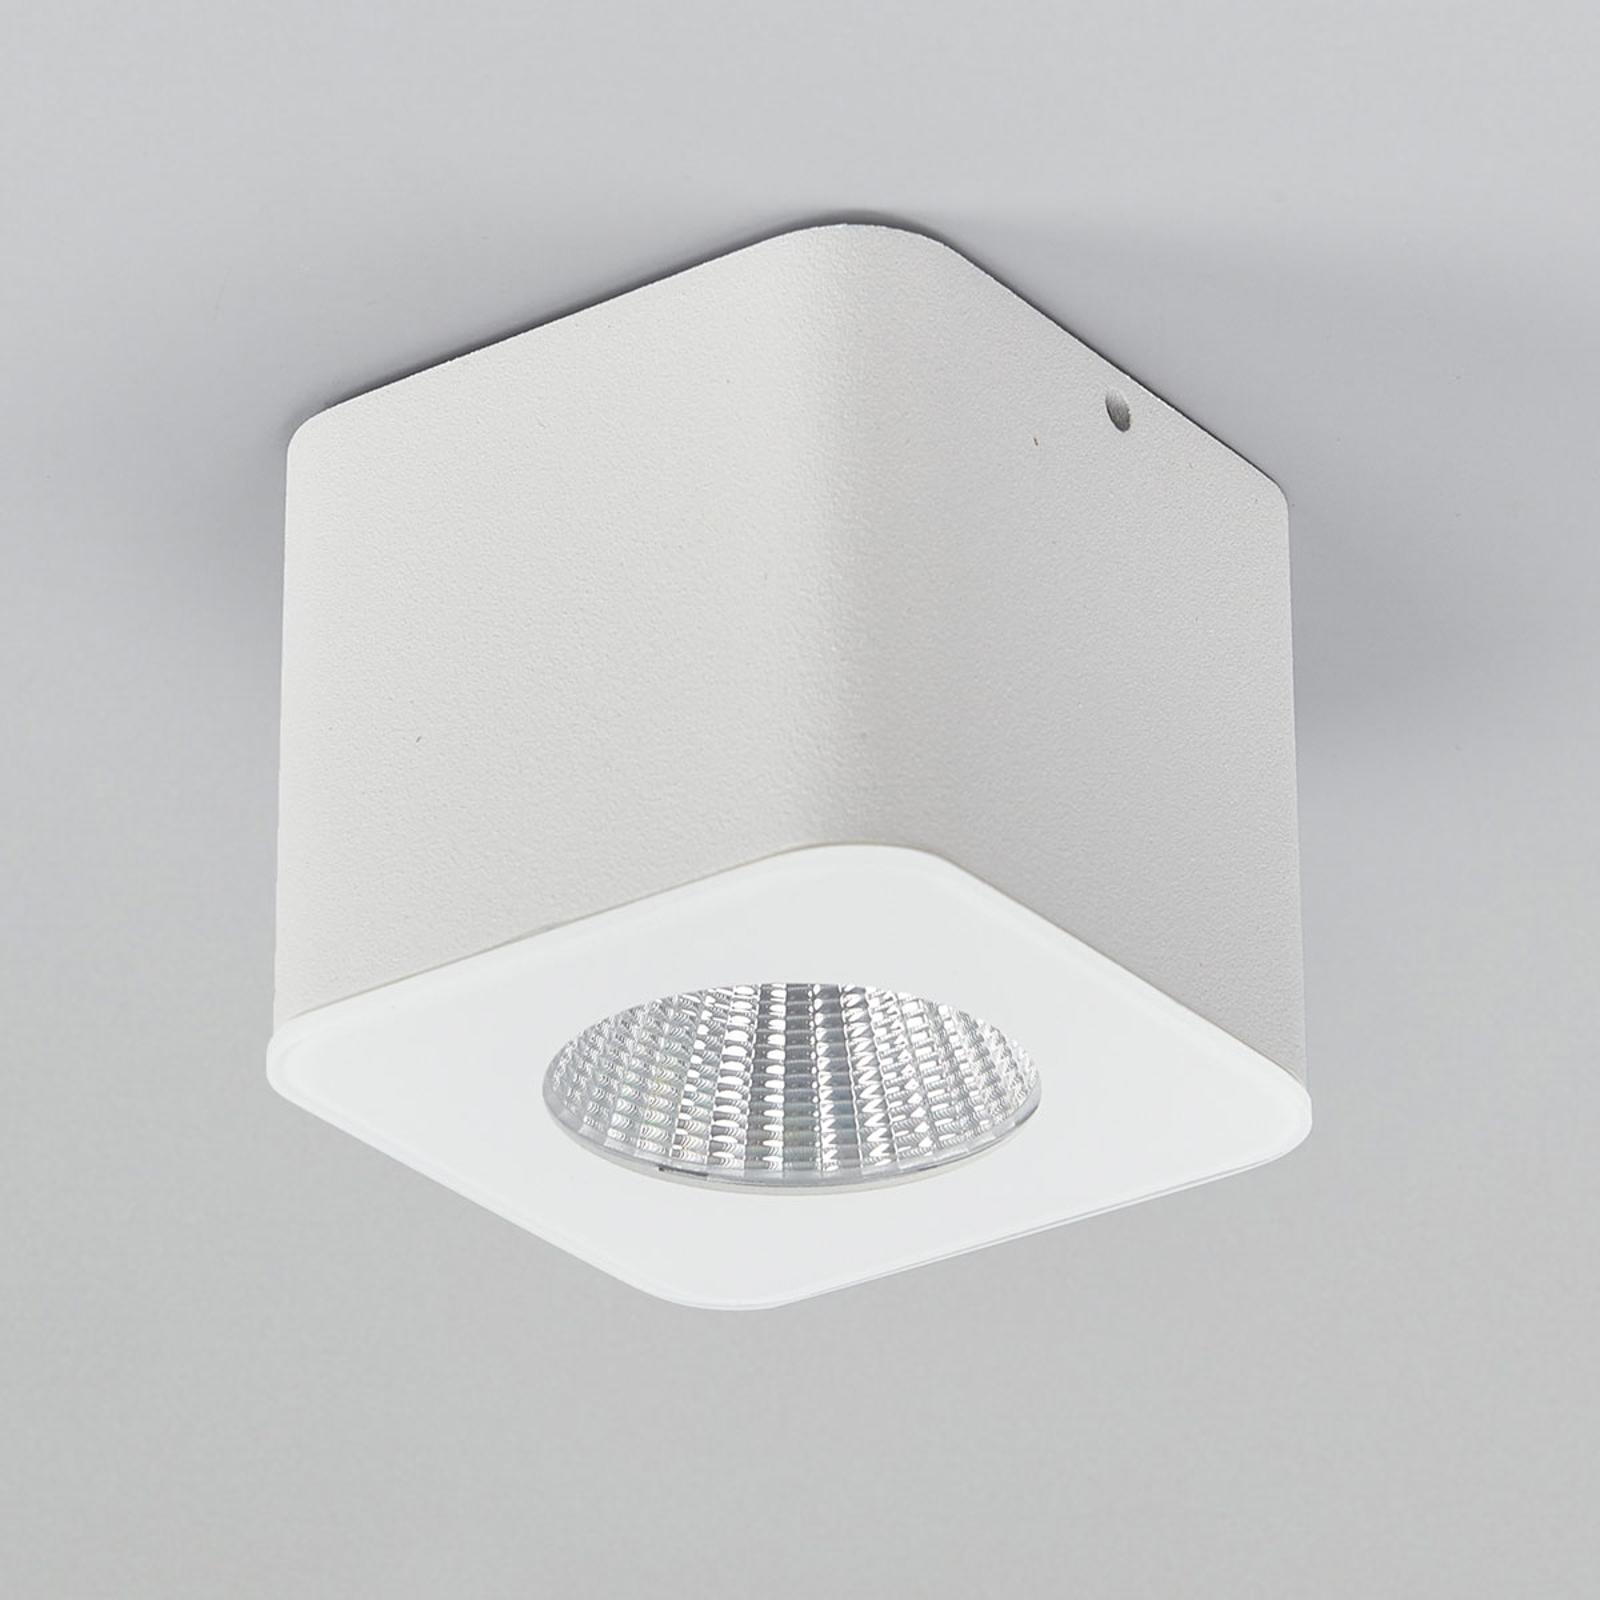 Helestra Oso LED-Deckenspot, eckig, weiß matt